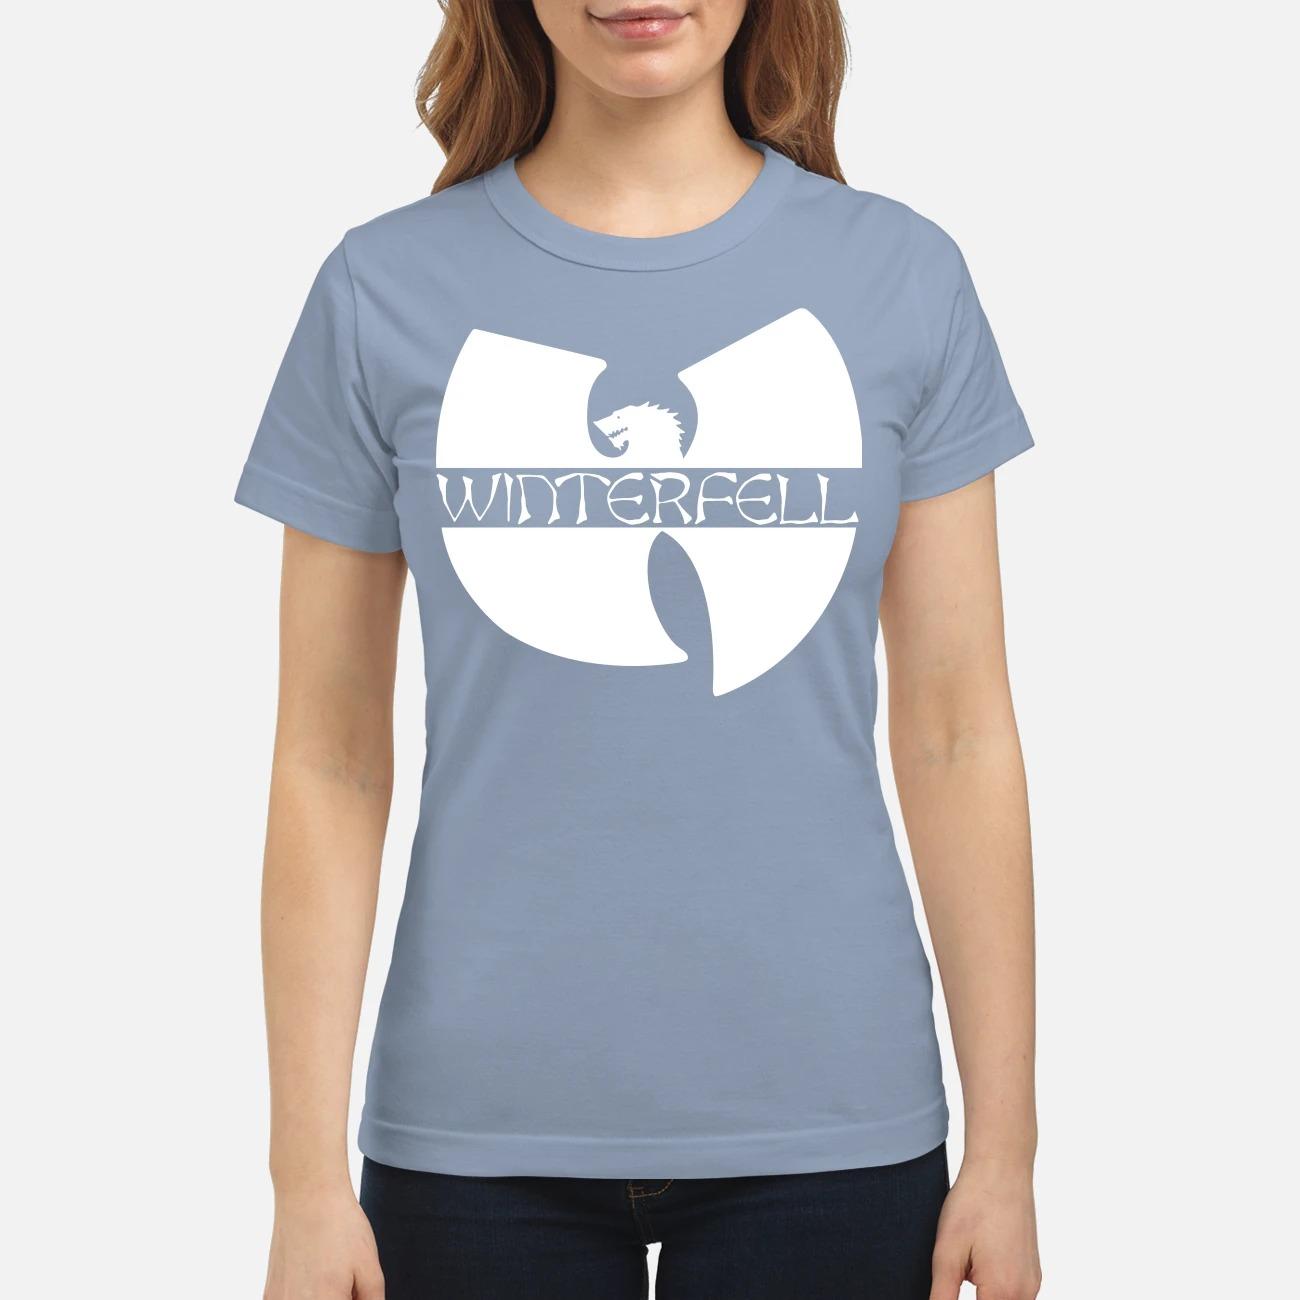 Winterfell Wu tang clan classic shirt